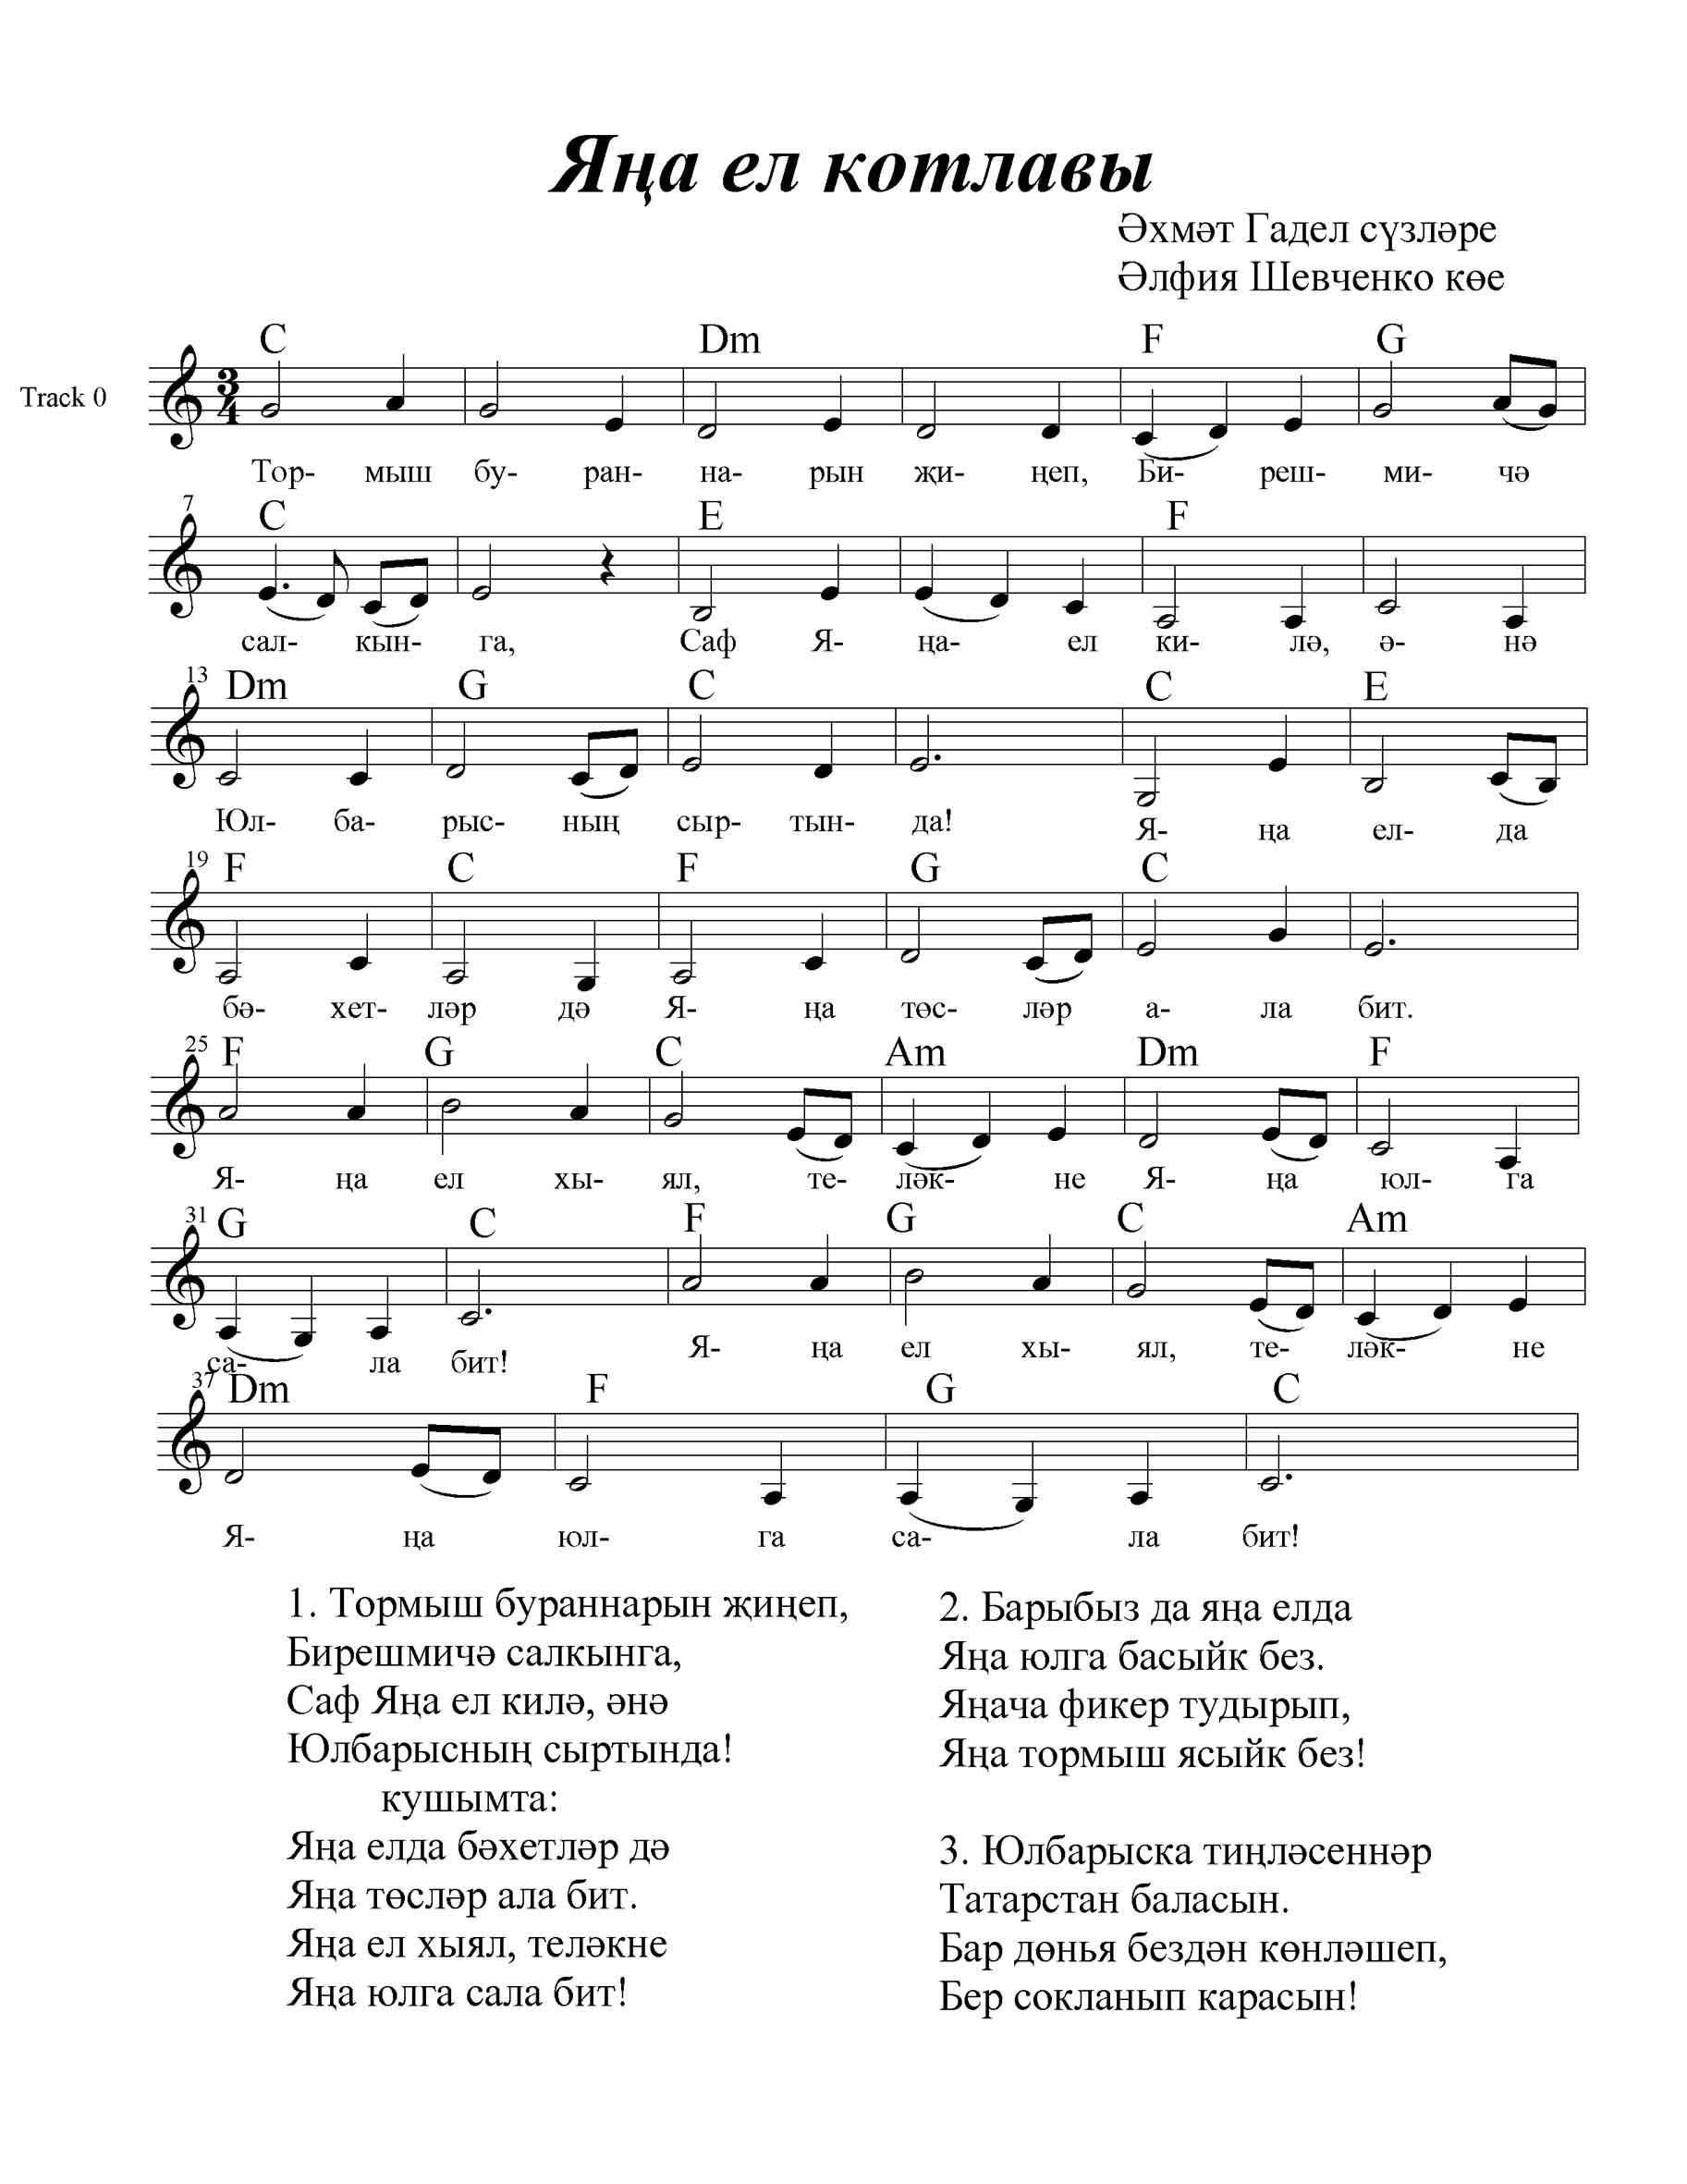 Список исполнителей татарских песен